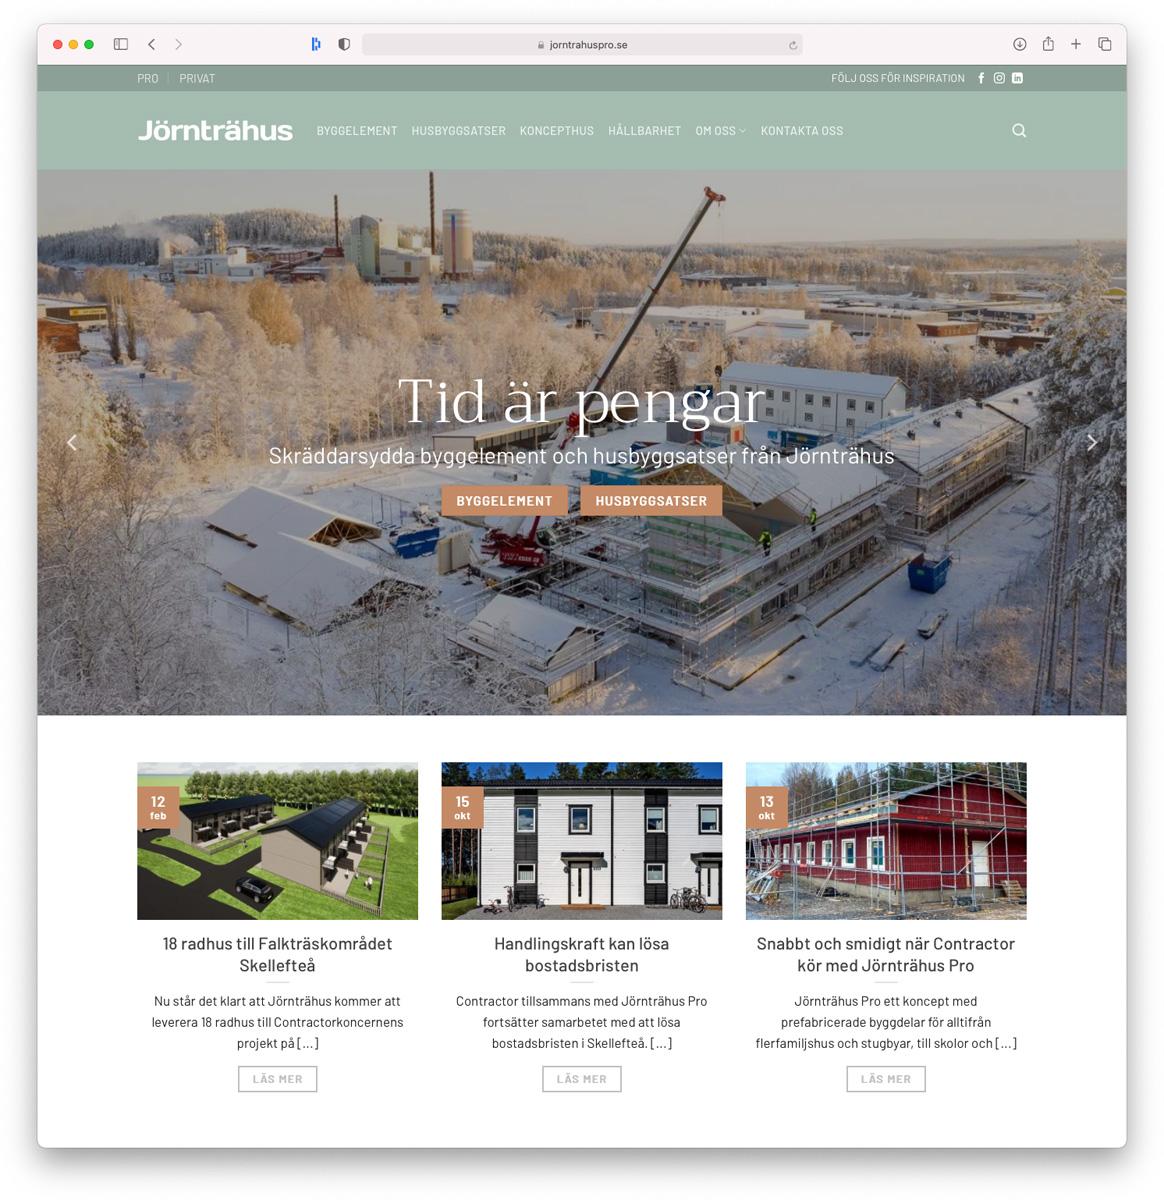 Jörnträhus Pro hemsida lanserad